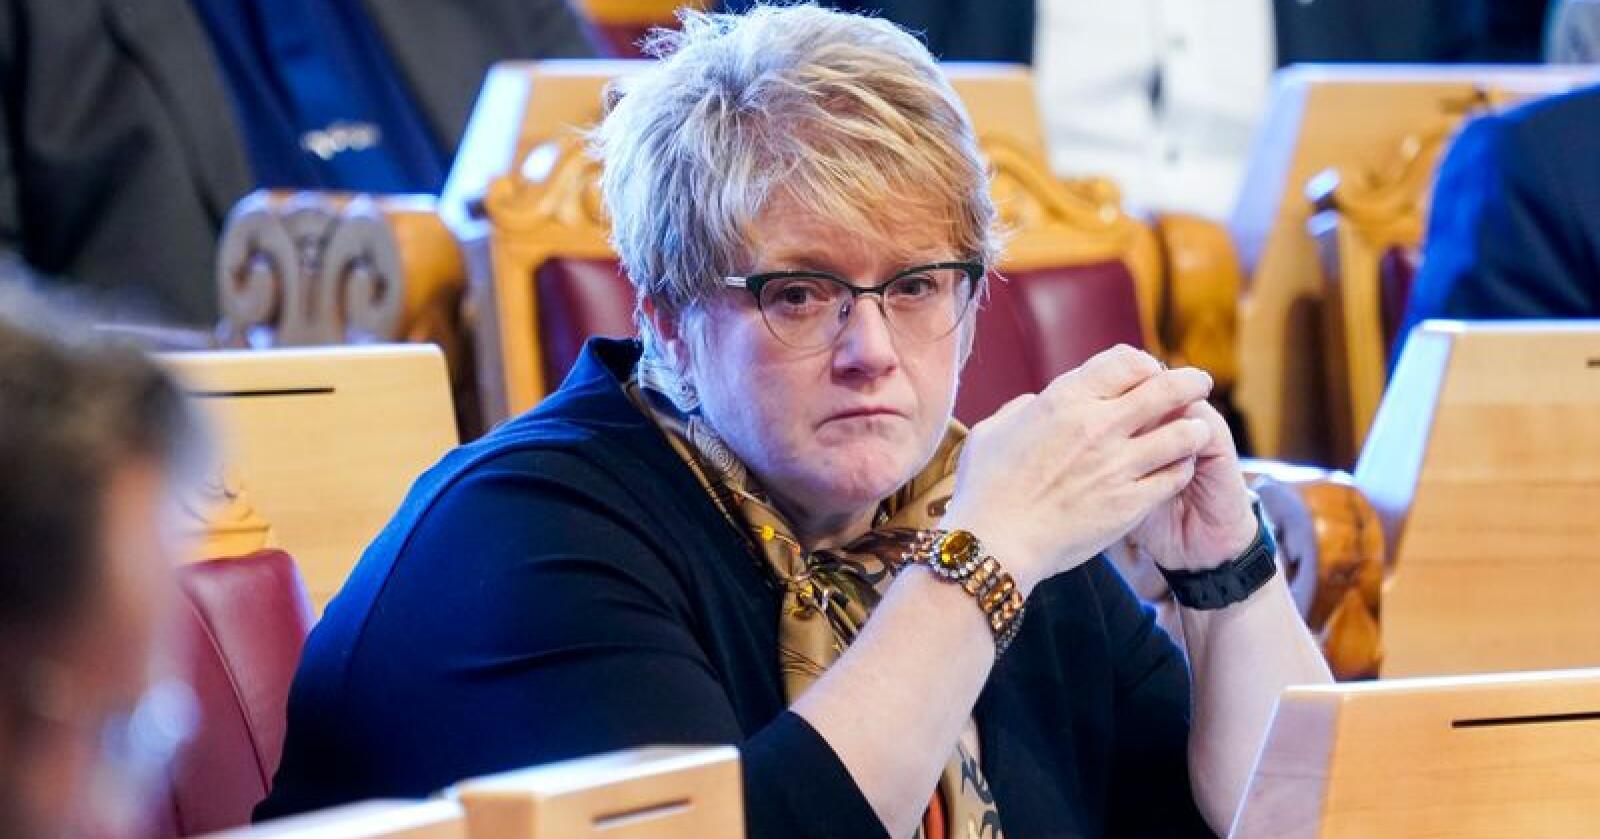 Venstre-leder Trine Skei Grande gjør det dårlig på Dagbladets partiledermåling. 55 prosent av de spurte synes hun gjør en dårlig jobb som partileder, og 8 prosent synes hun gjør en god jobb. Foto: Terje Pedersen / NTB scanpix